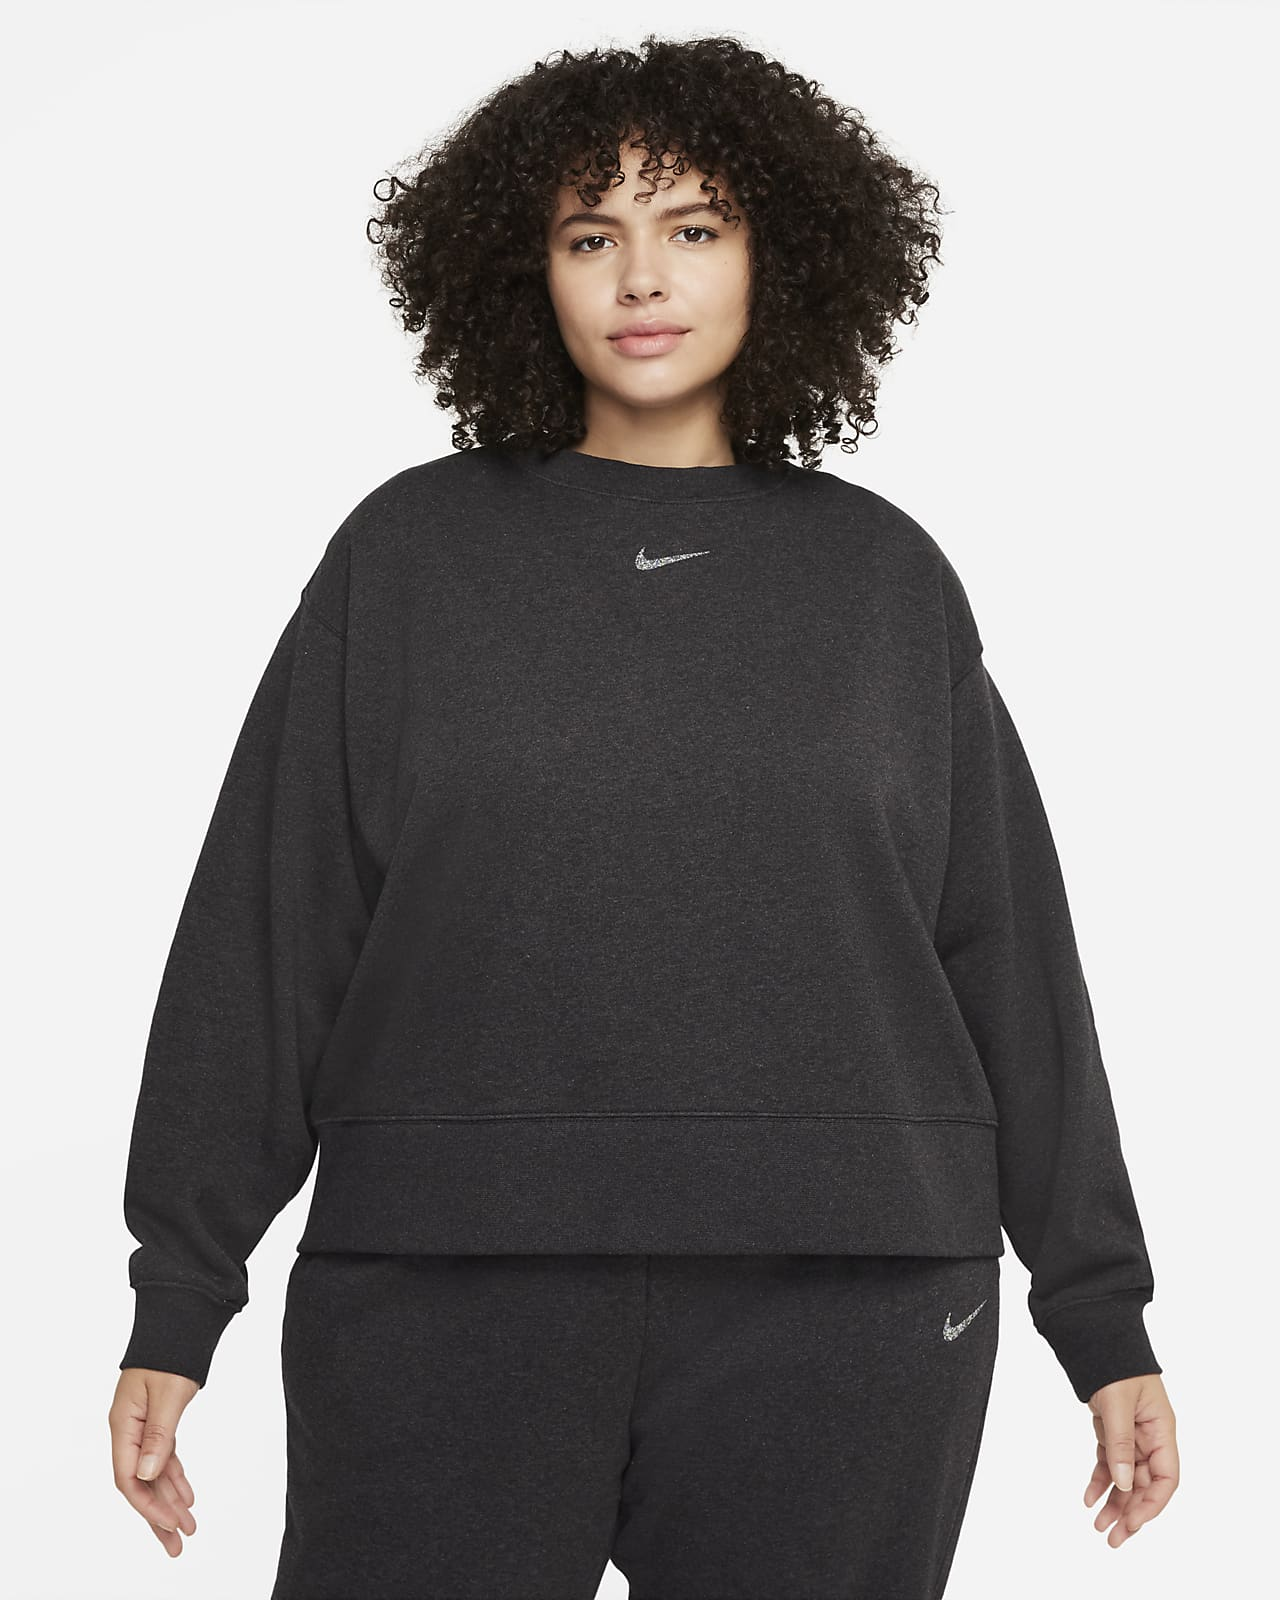 Camisola de lã cardada com corte folgado Nike Sportswear Collection Essentials para mulher (tamanhos Plus)